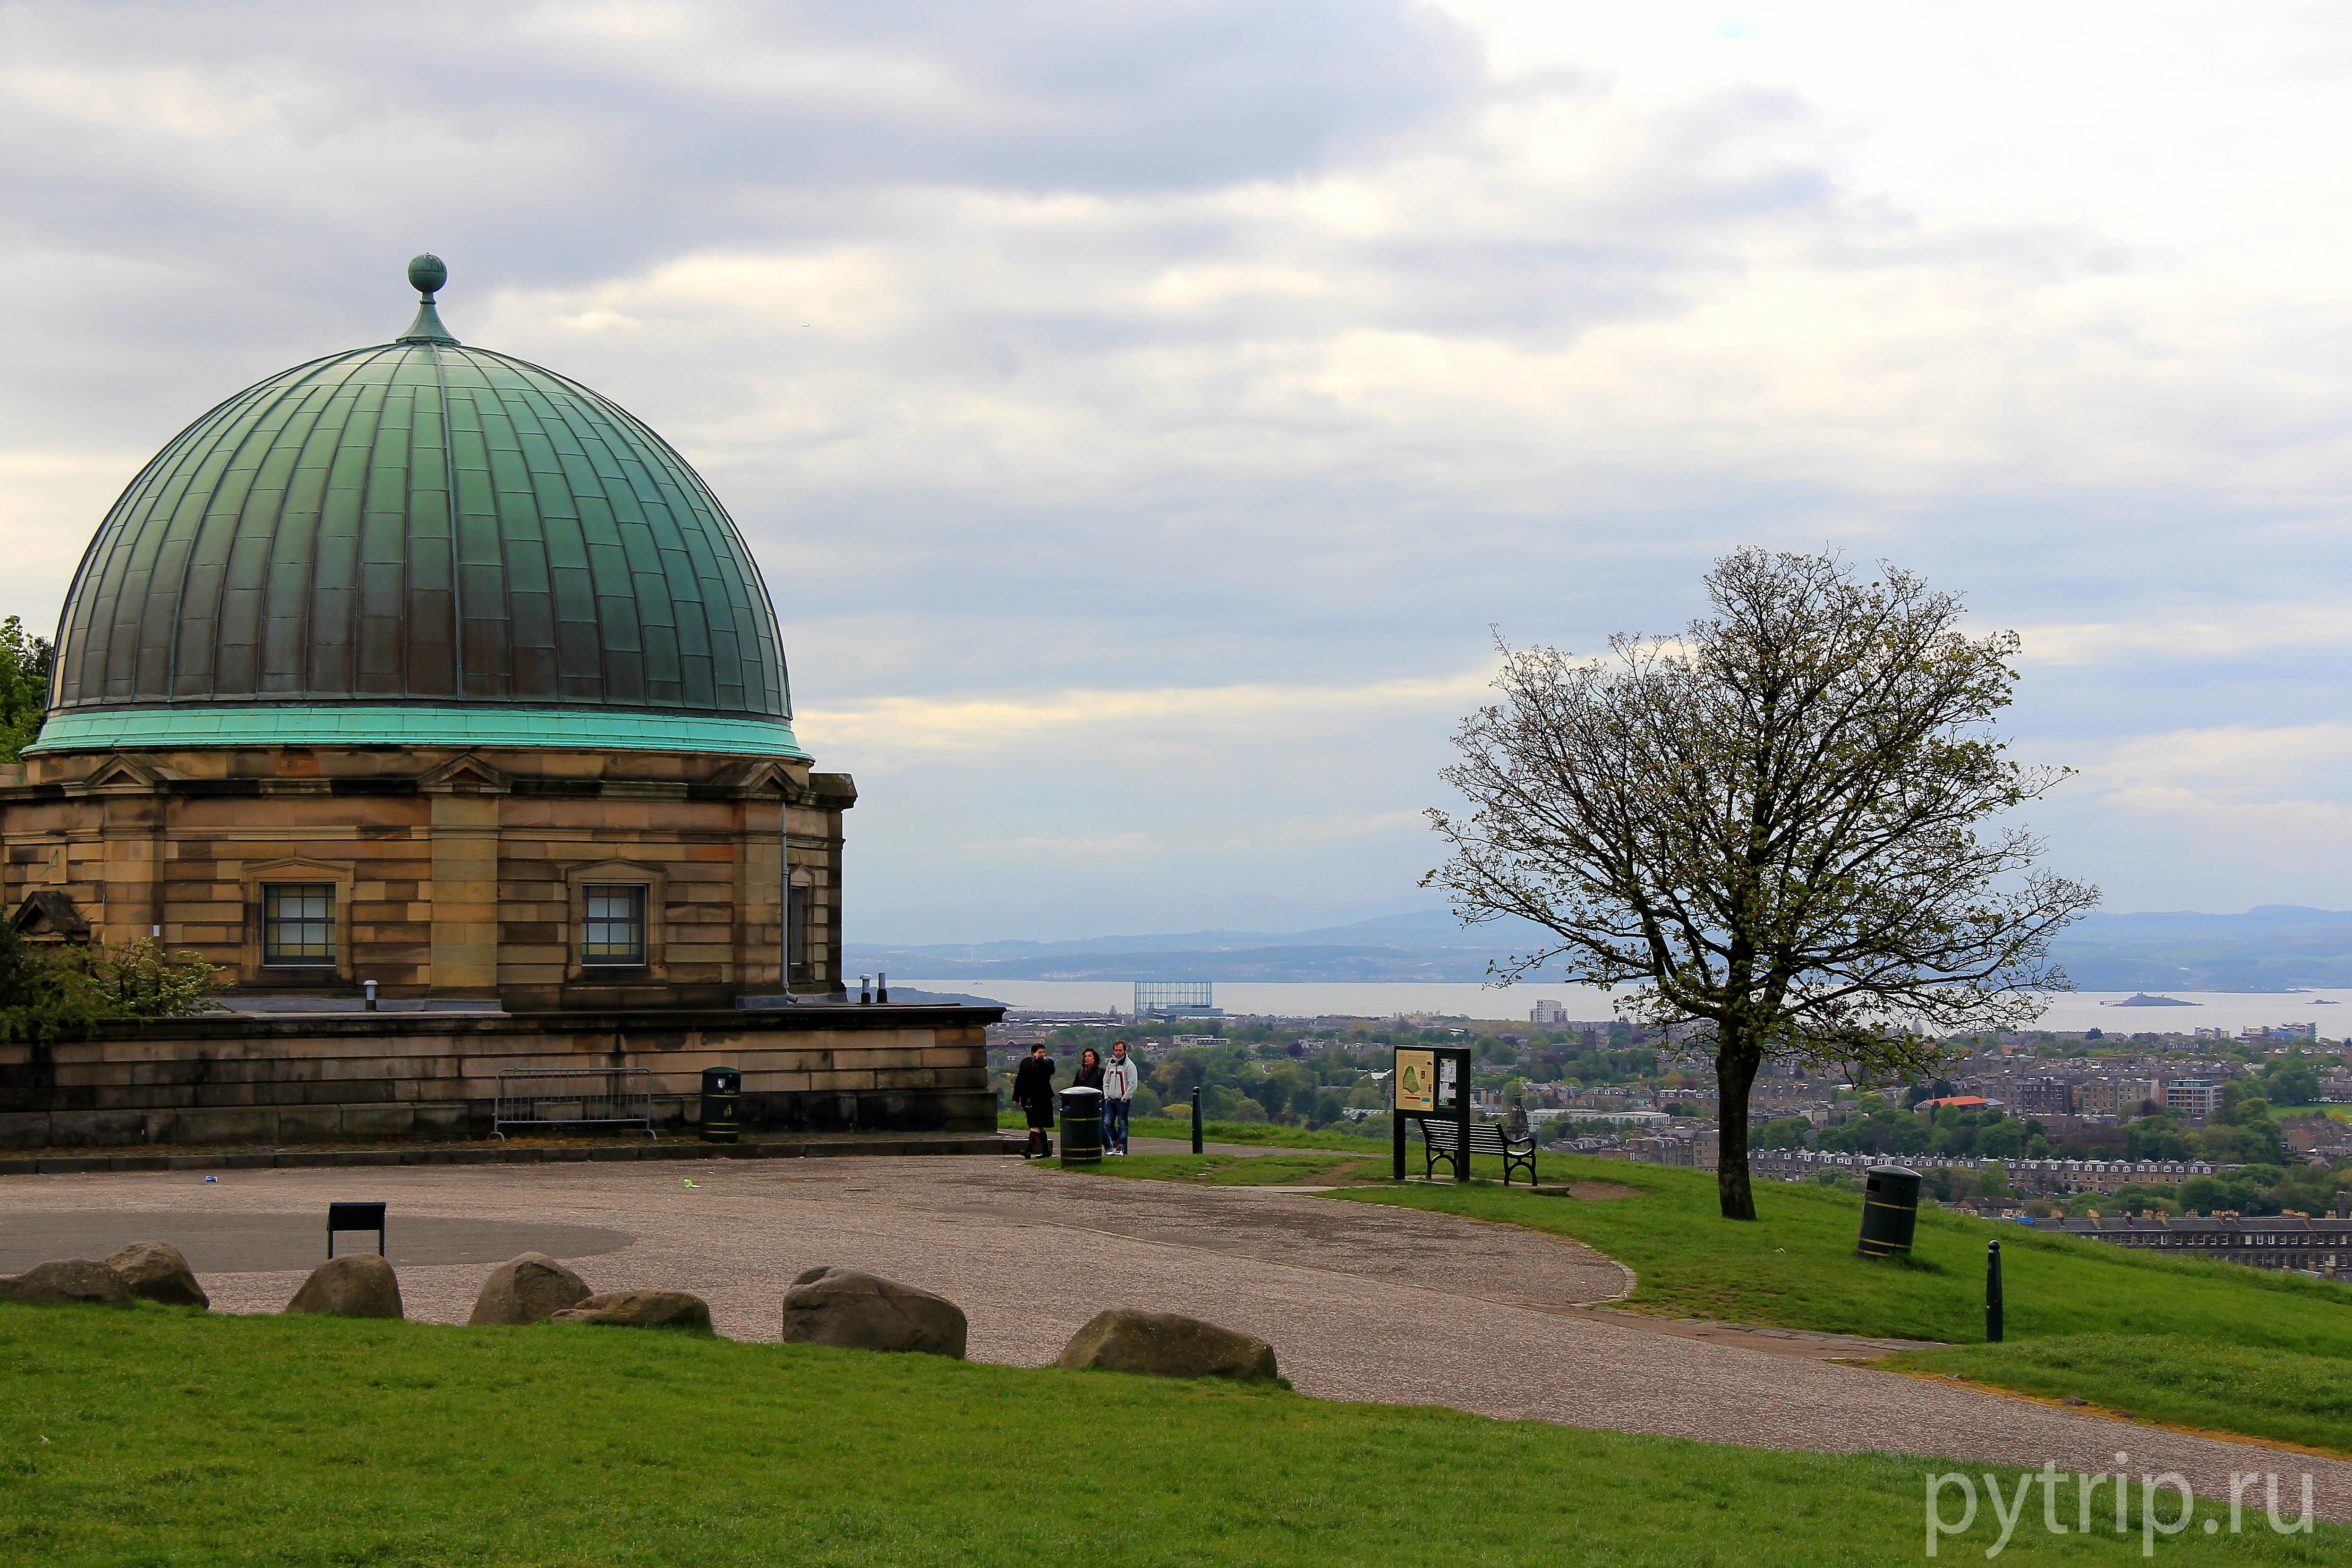 Обсерватория на Калтон Хилл